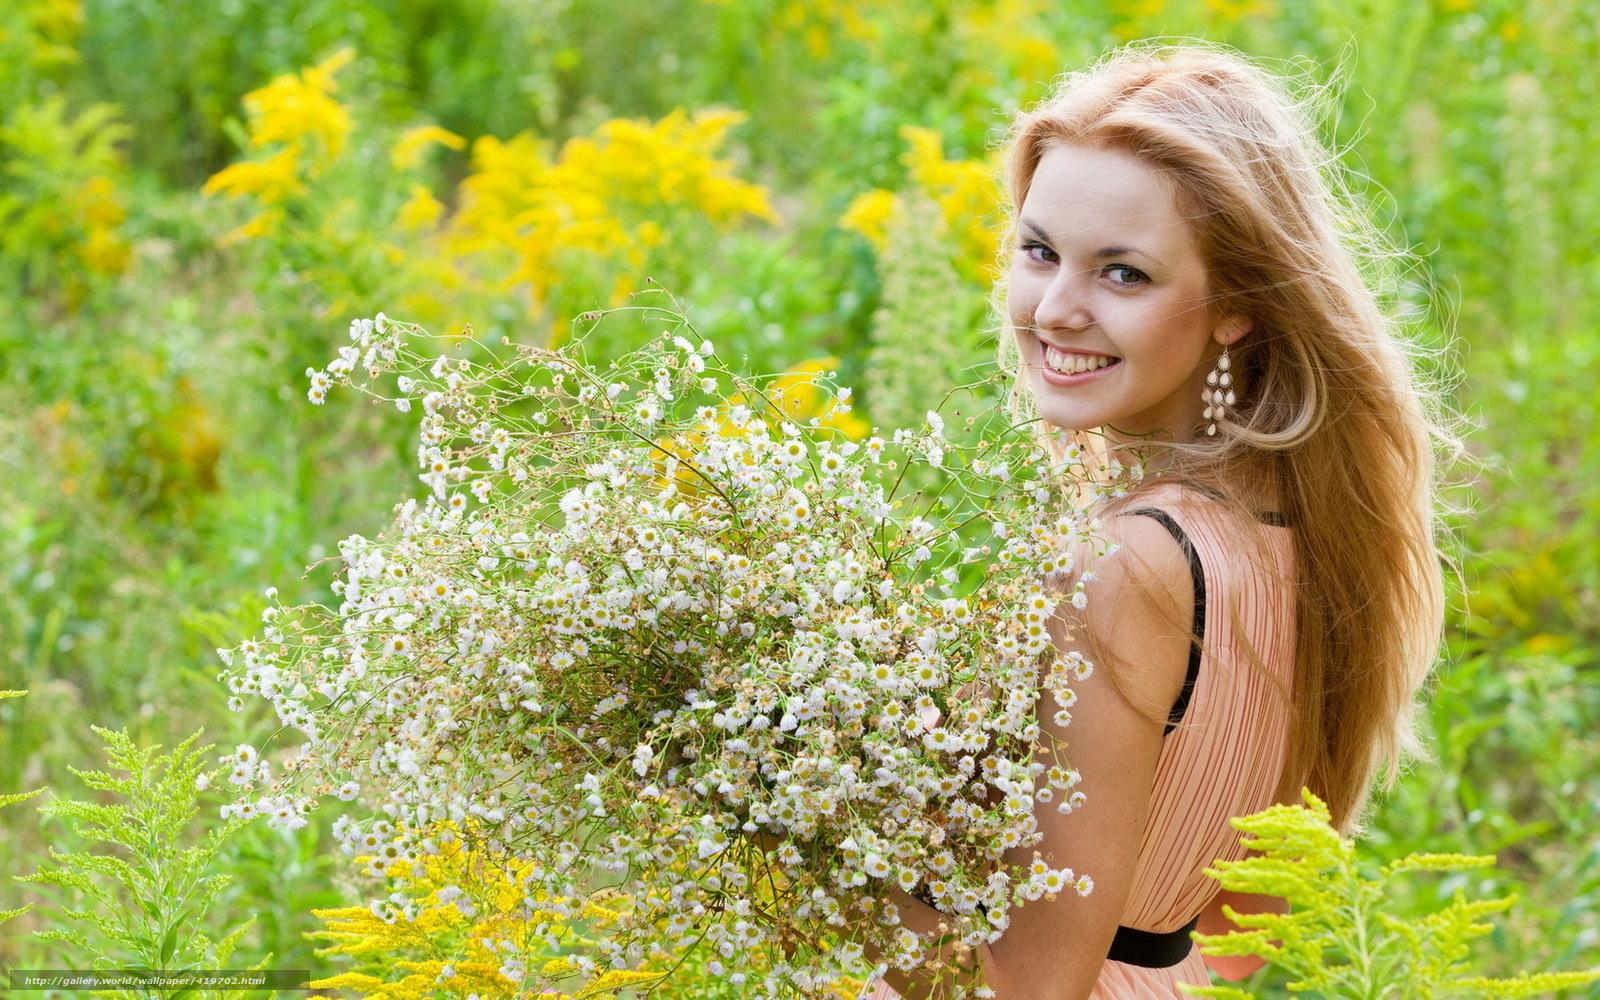 Скачать обои лето девушка цветы